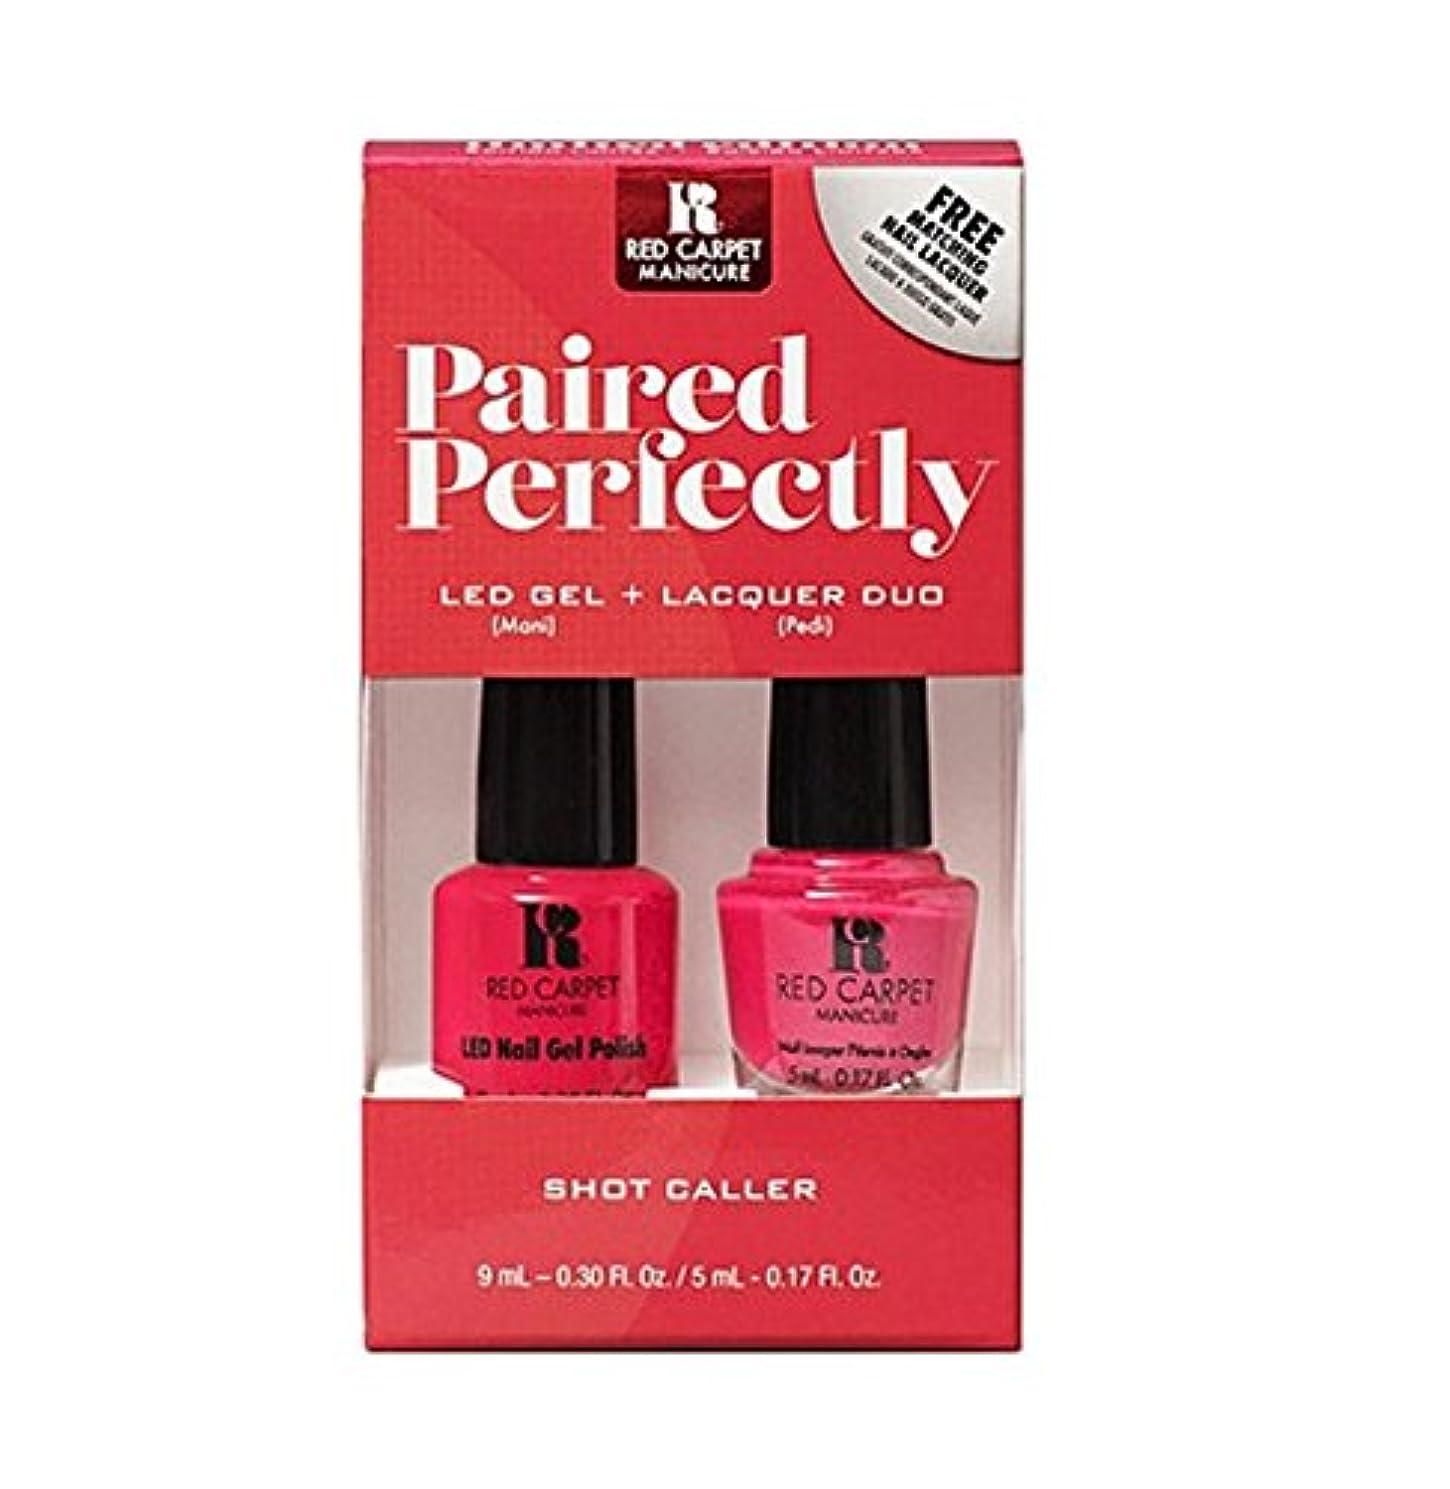 好む別の過激派Red Carpet Manicure - Paired Perfectly GEL & Lacquer DUO - Shot Caller